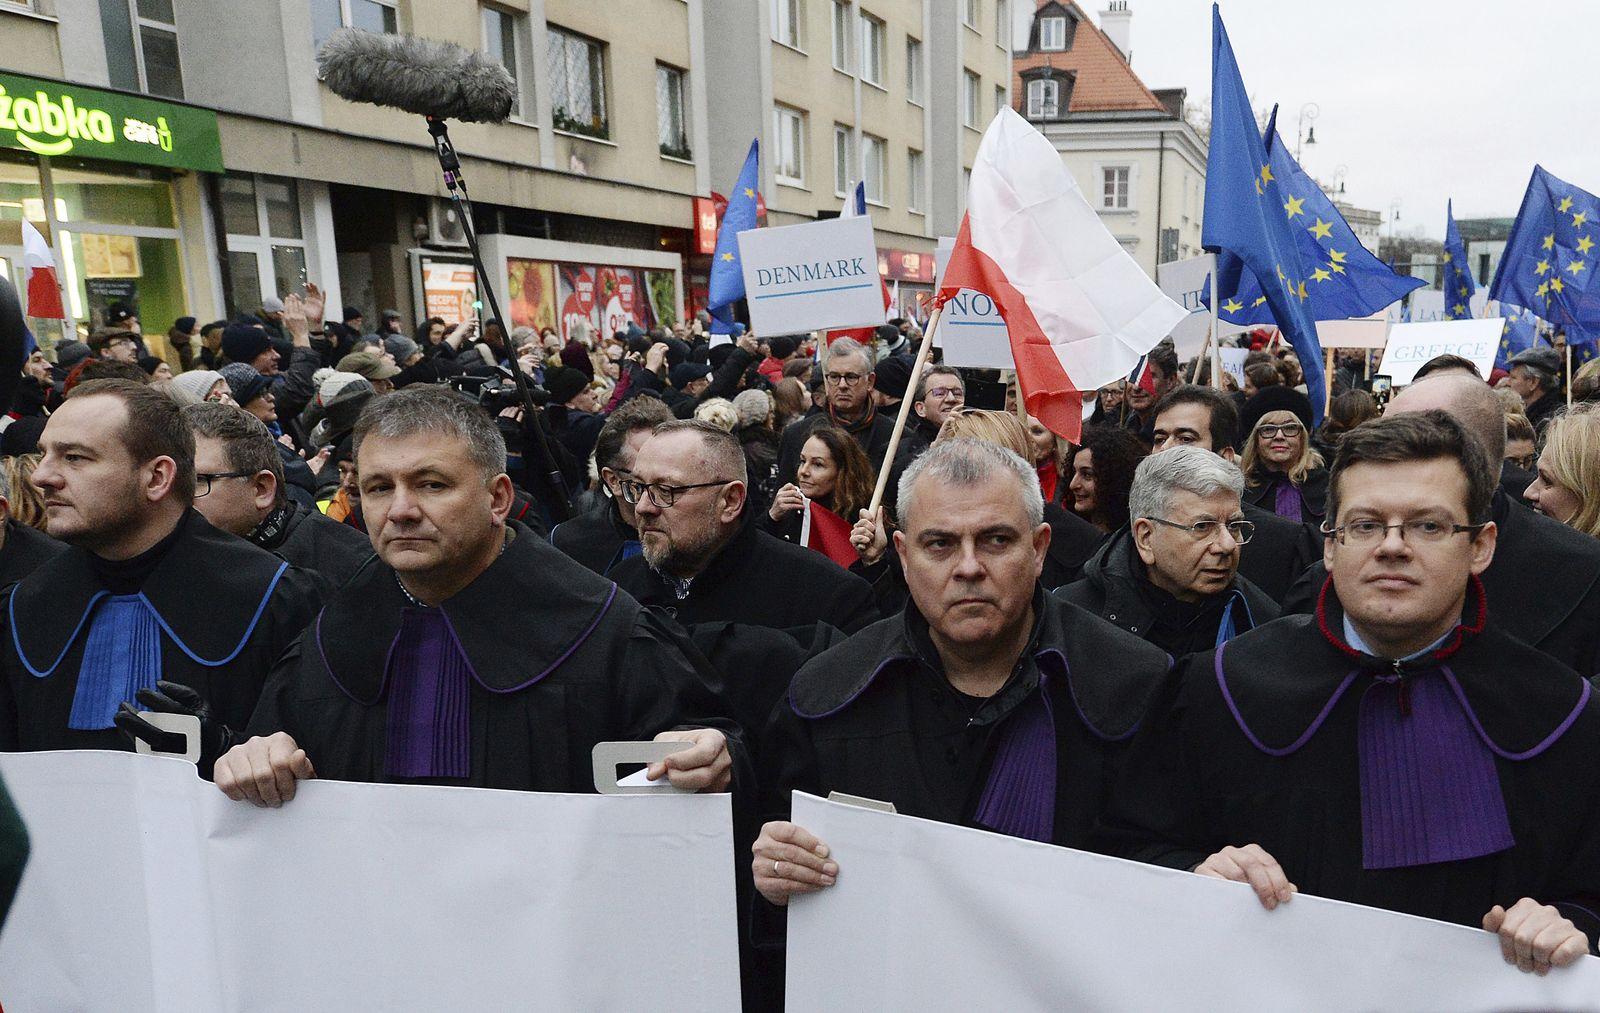 Solidaritätskundgebung für polnische Richter